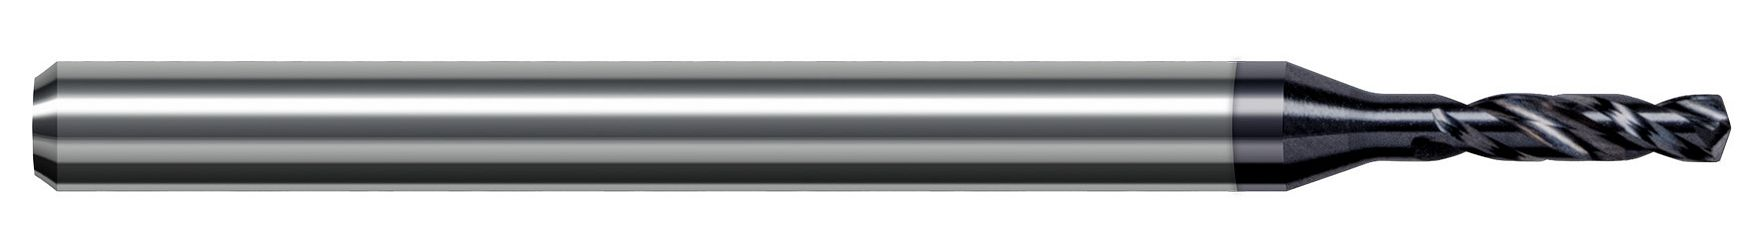 tool-details-CSG0995-C6